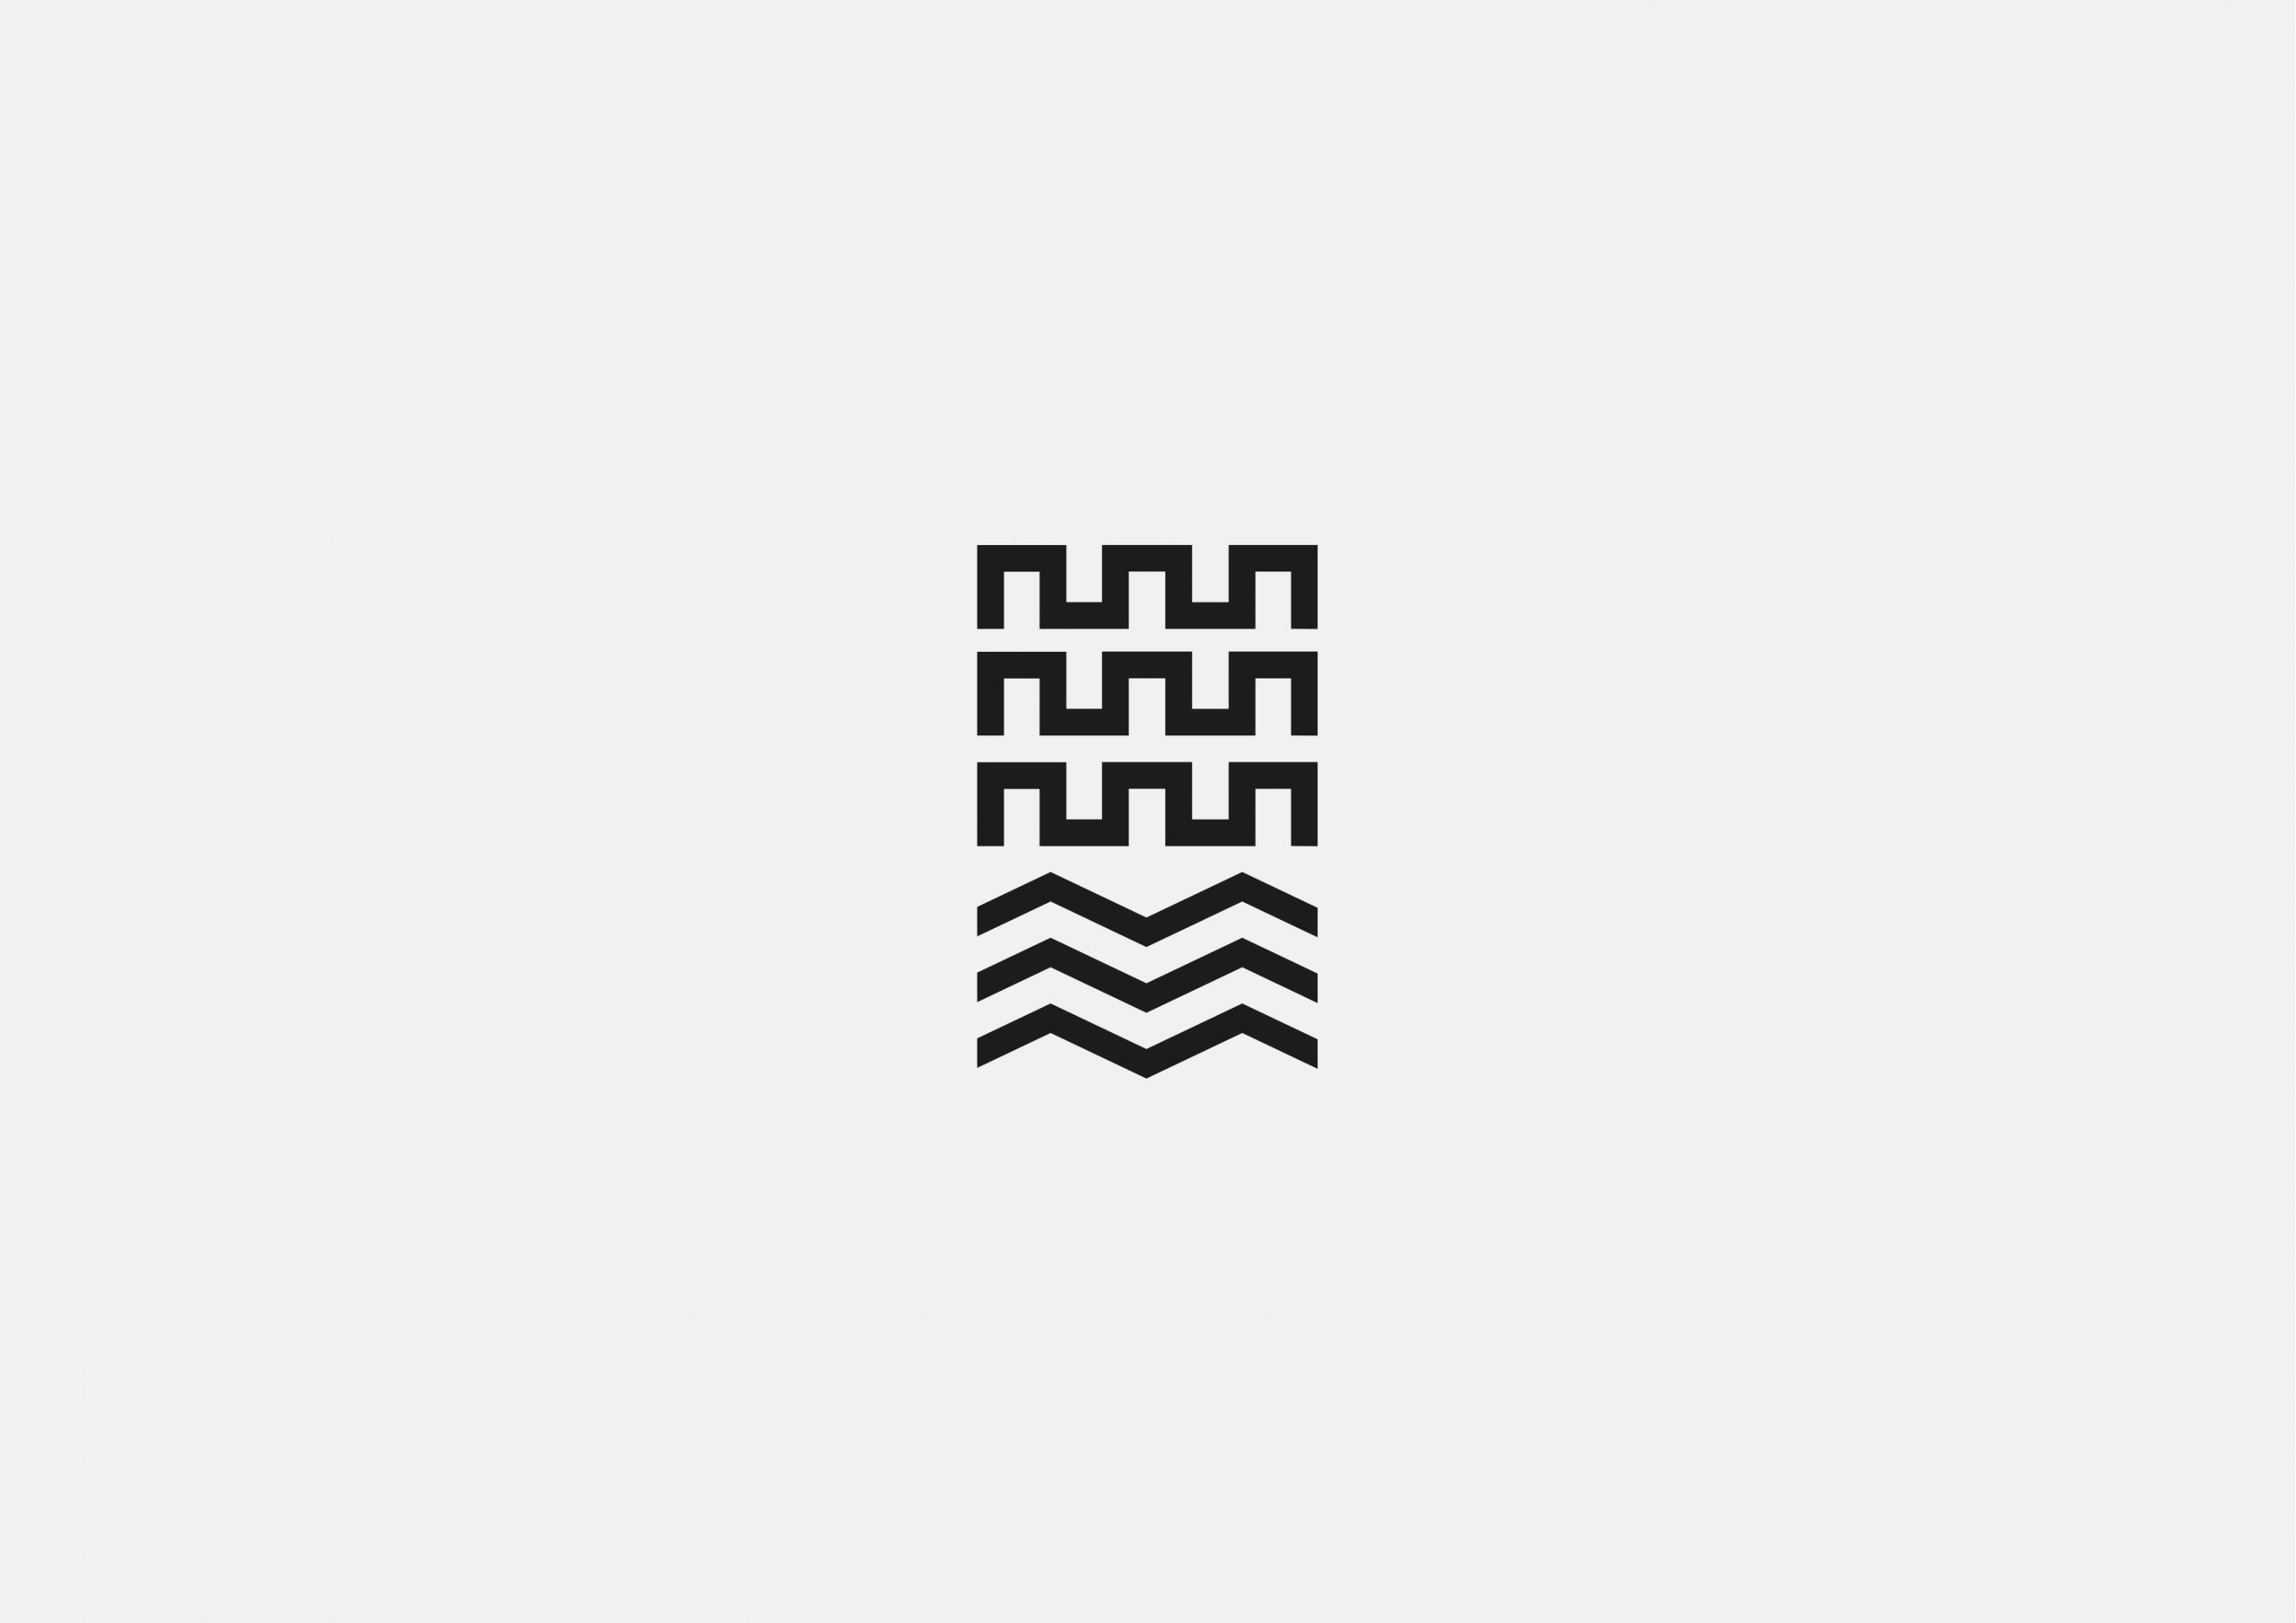 Norwich mark design